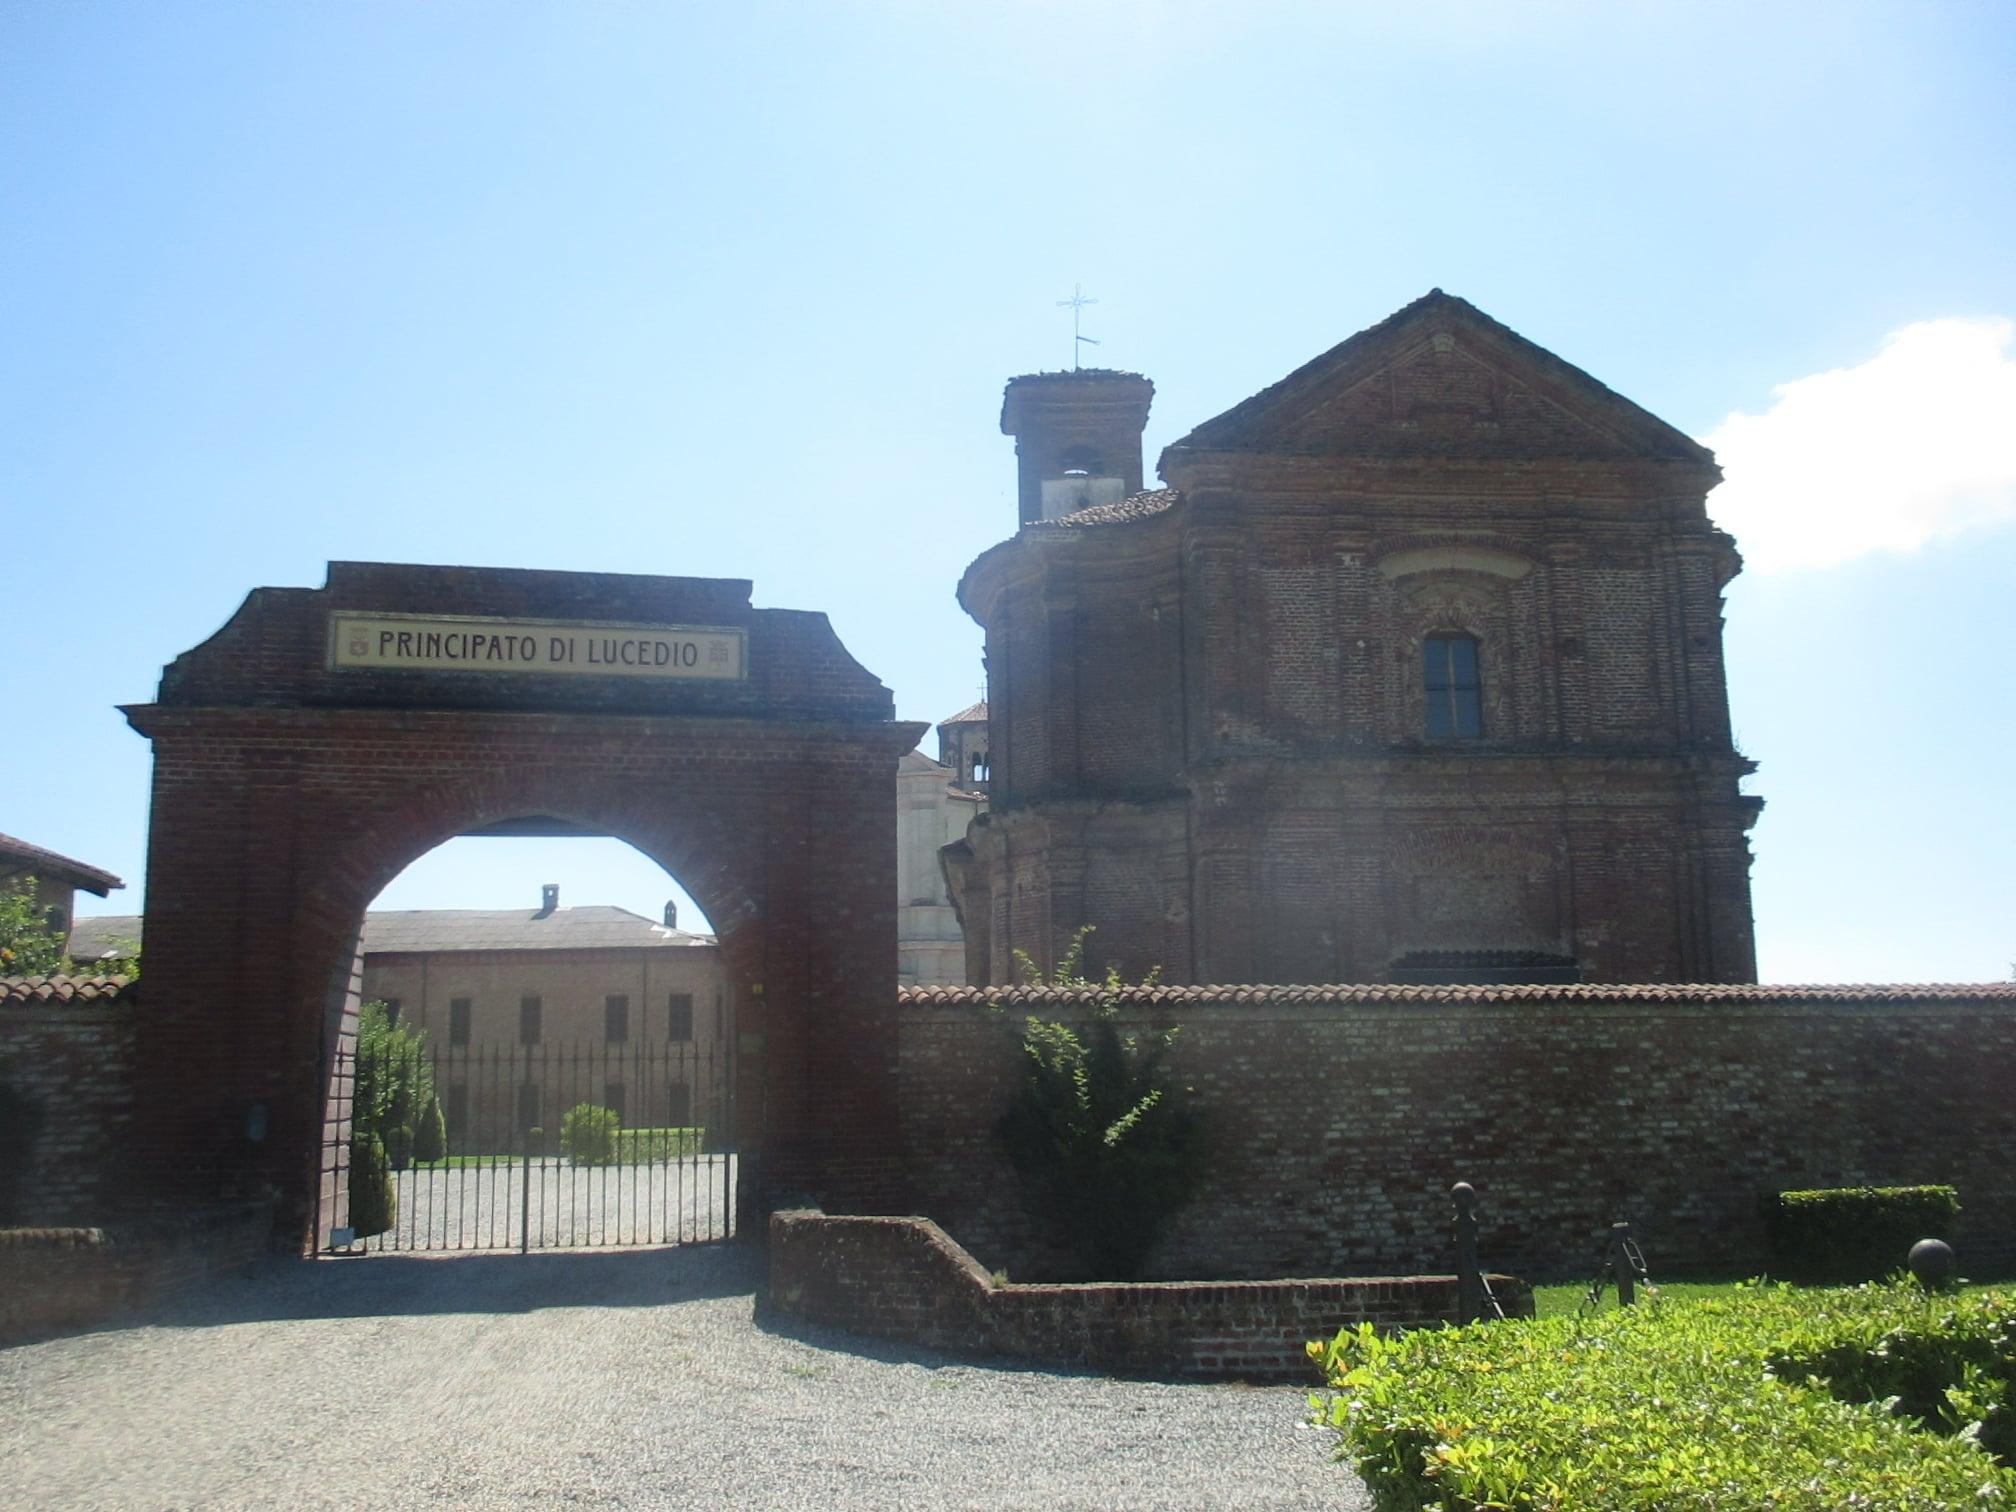 Principato di Lucedio, Abbazia